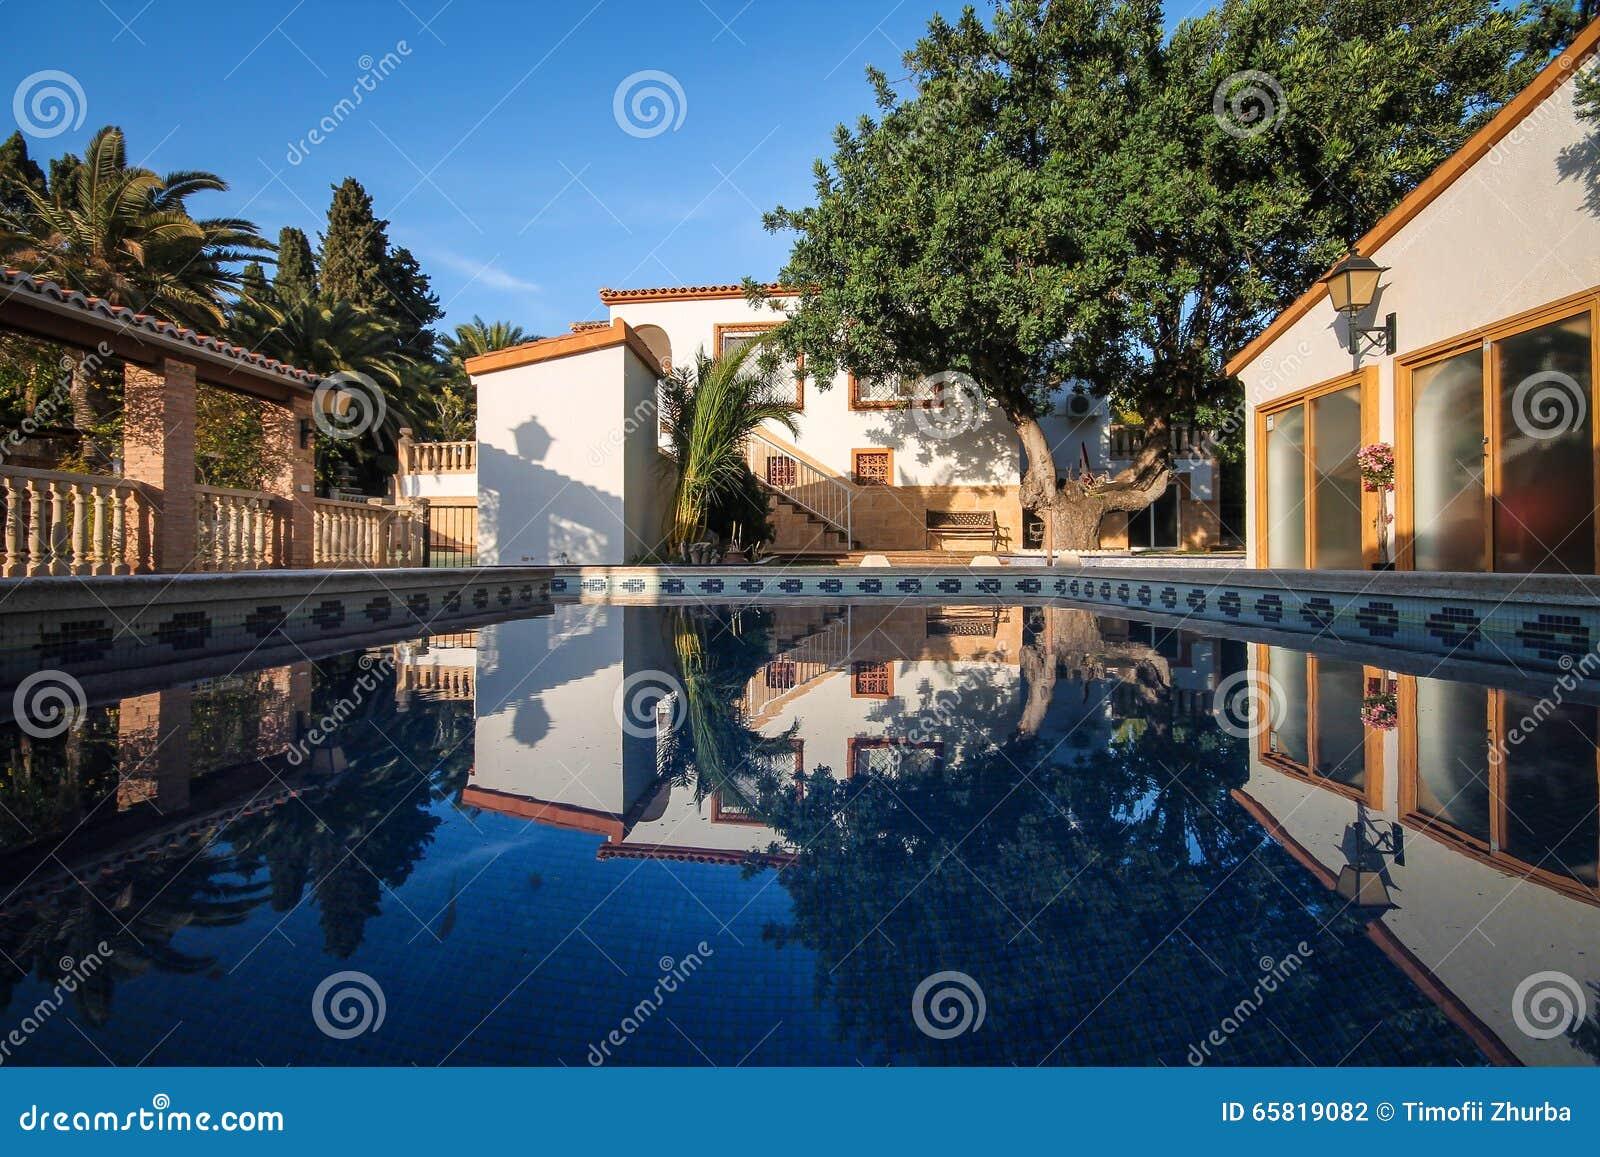 Casa de dos pisos en el estilo espa ol cl sico con una for Grande casa con piscina